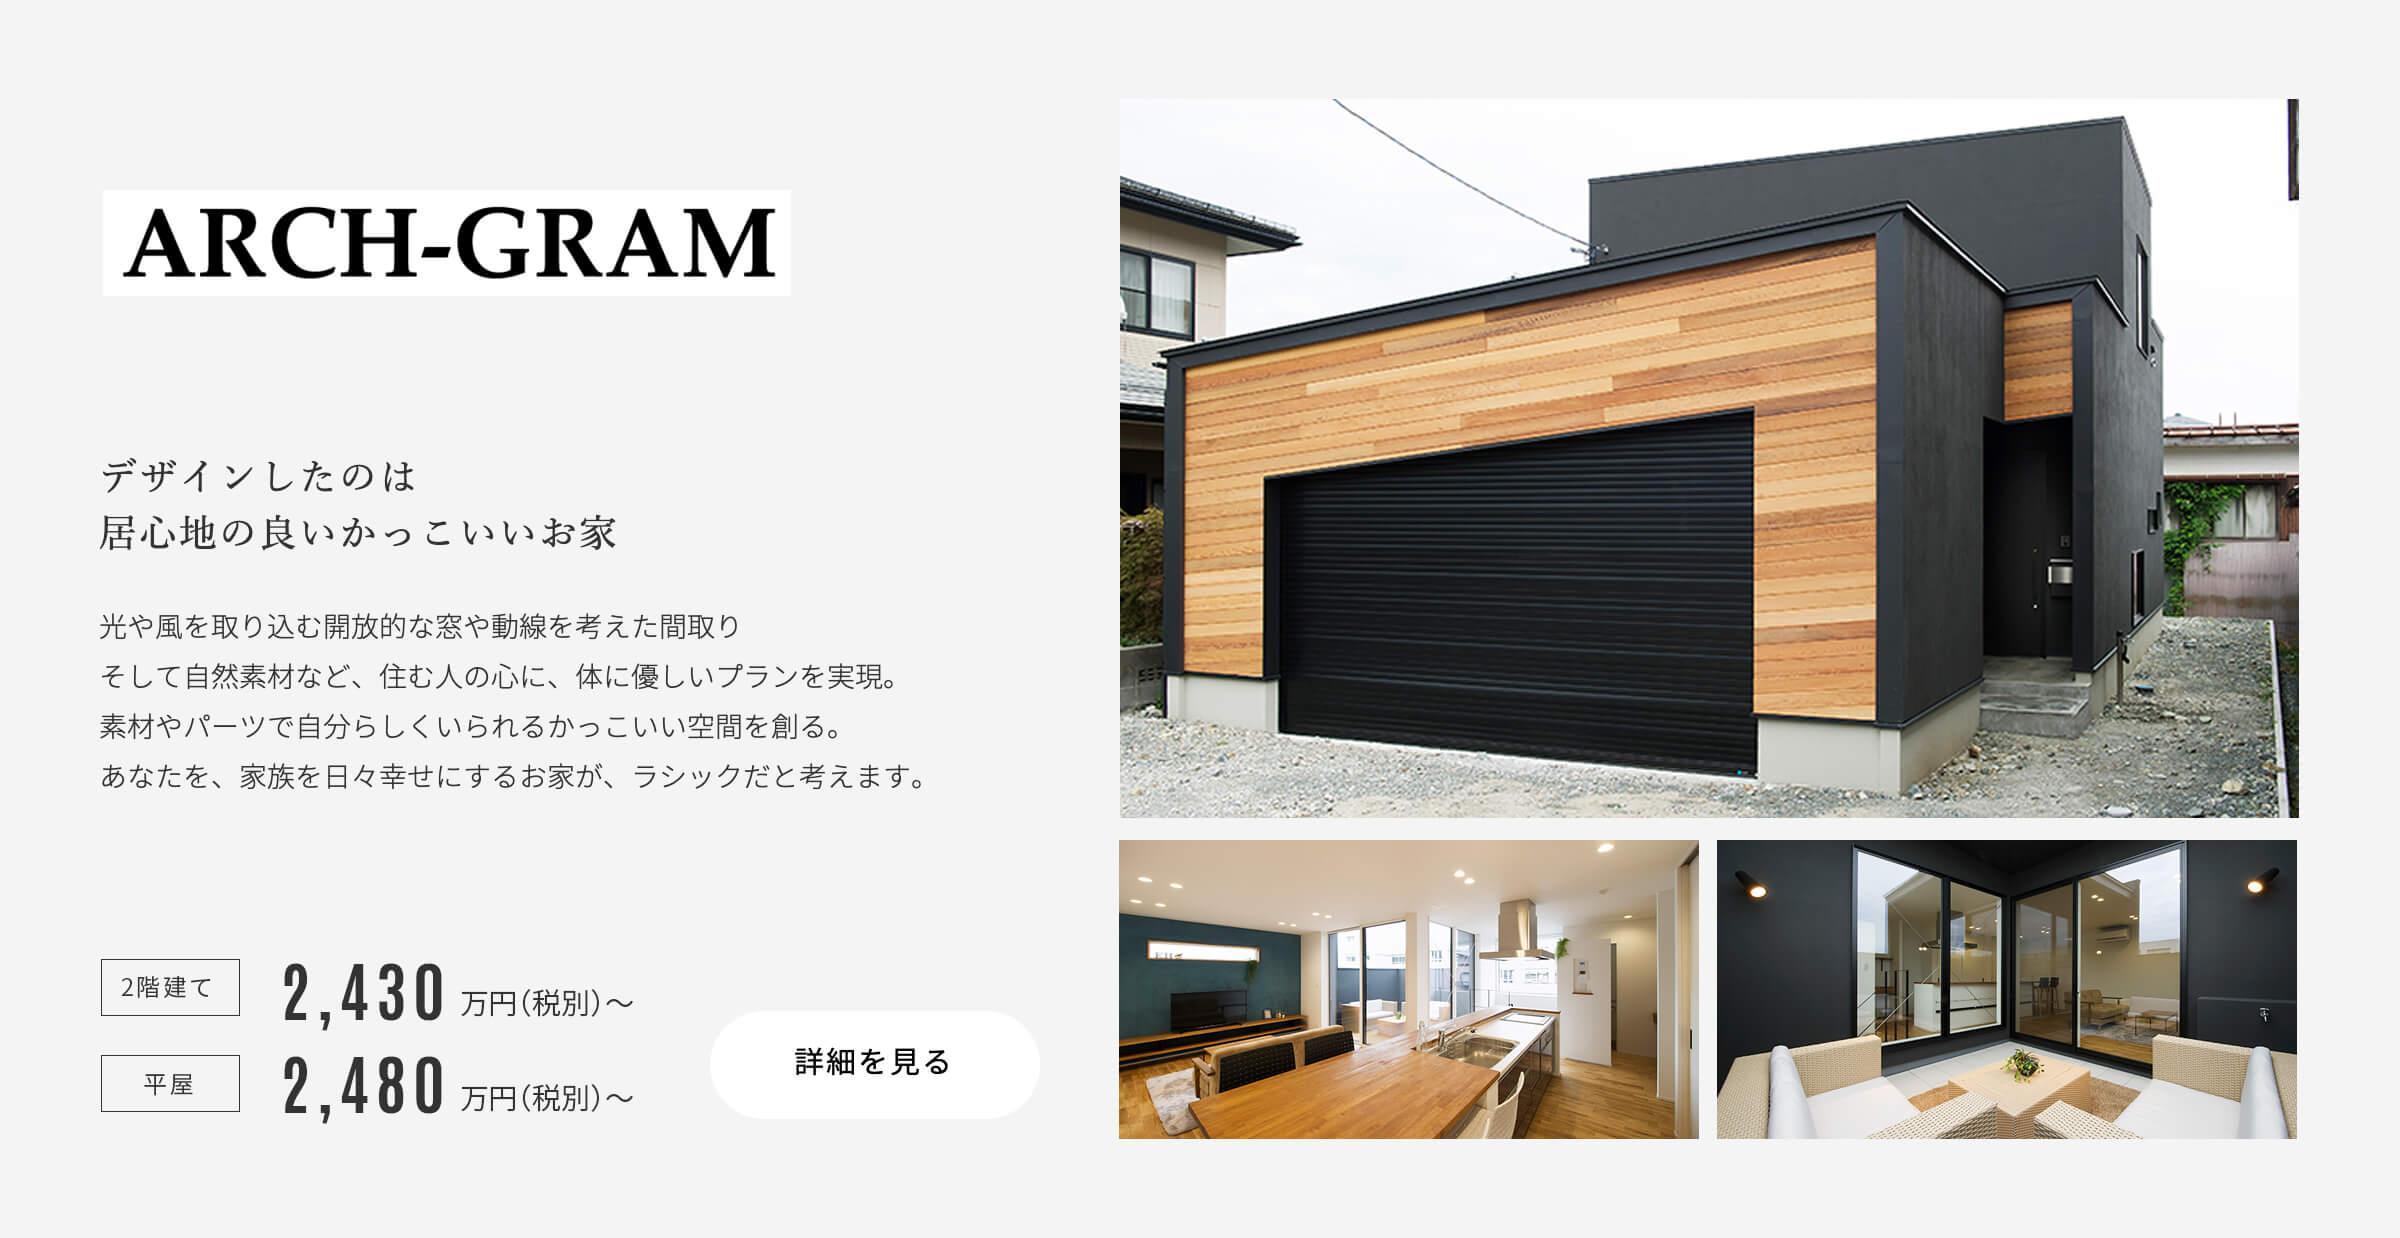 ARCH-GRAM